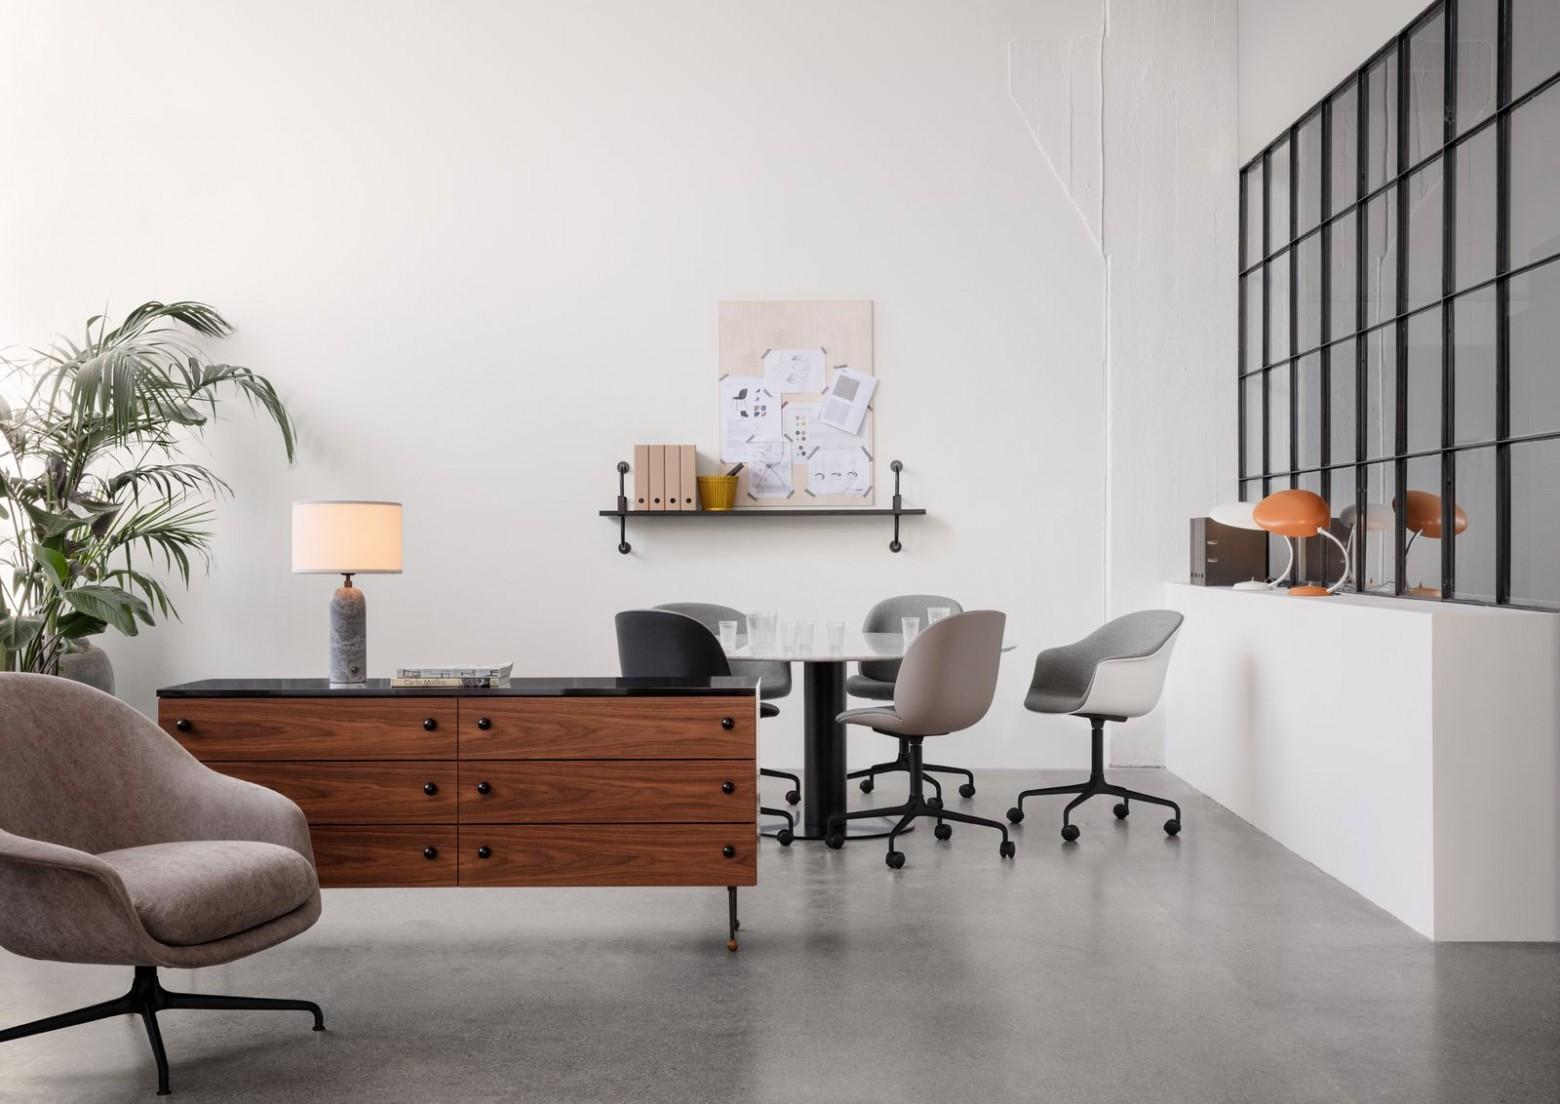 Thuiswerk in stijl met de Gubi collectie Victors Design Agency